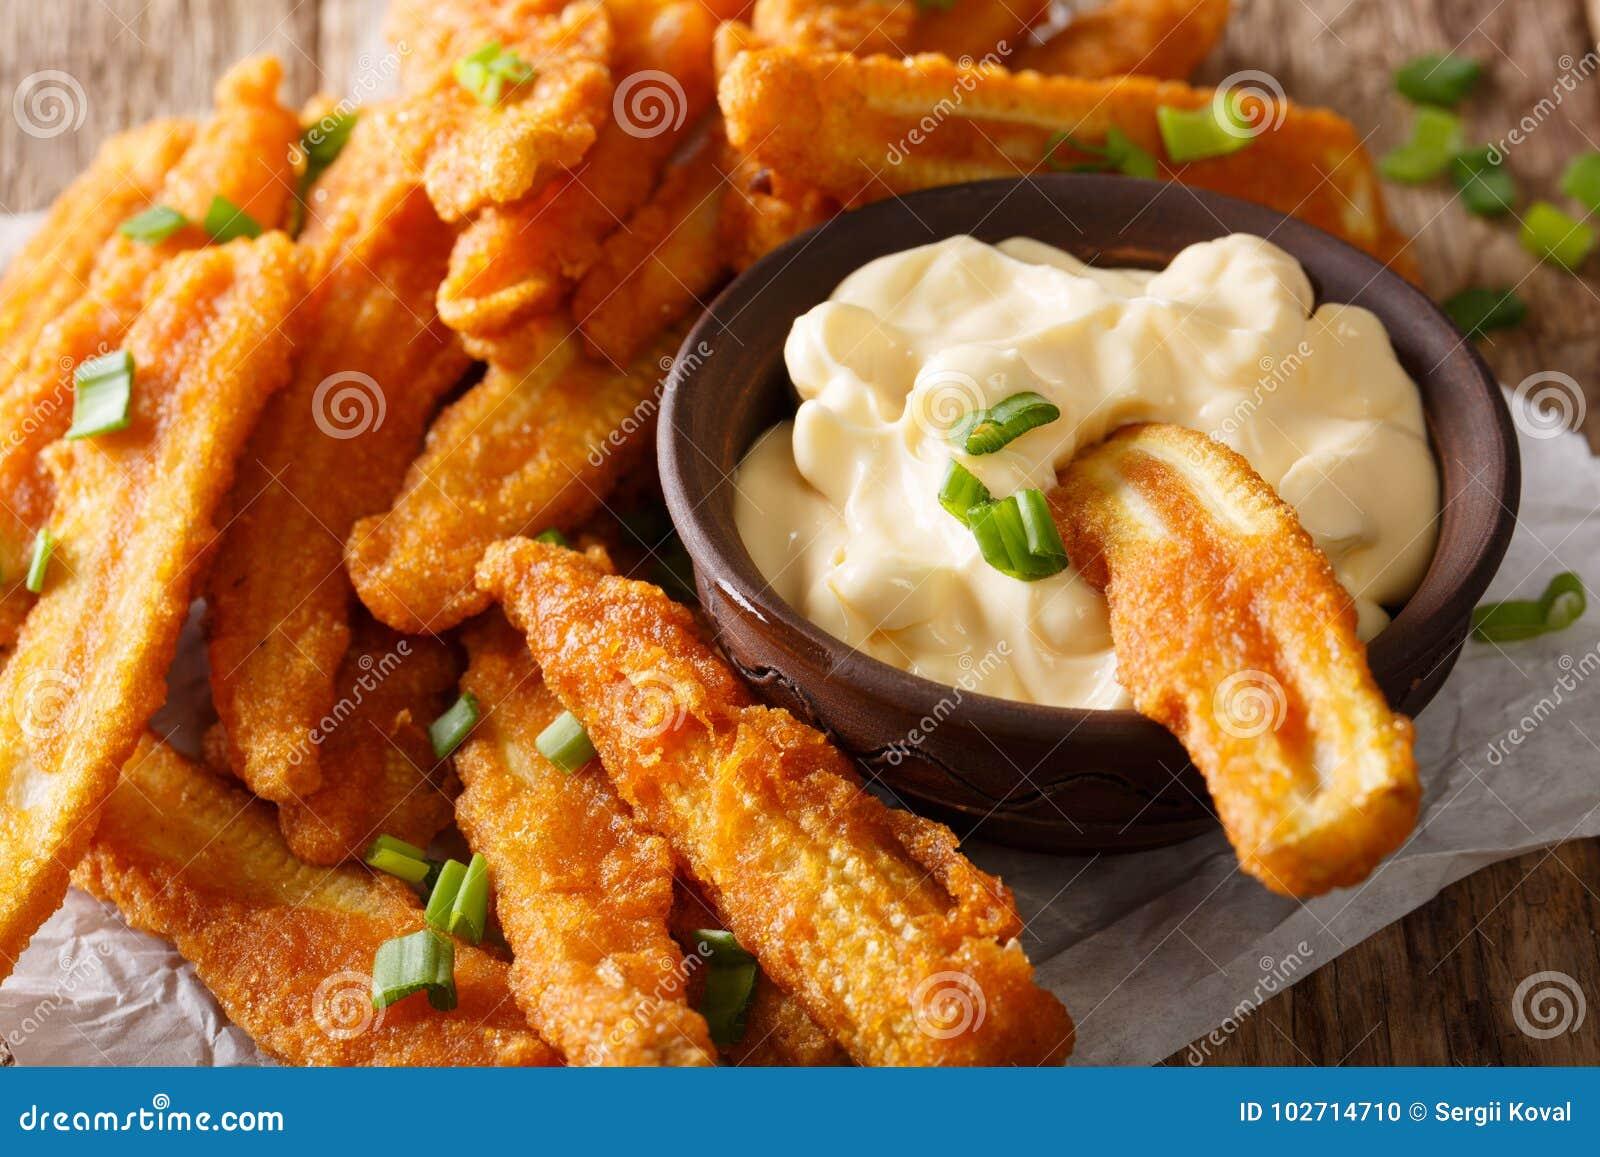 Nourriture chinoise : maïs frit avec le plan rapproché de sauce crème horizon